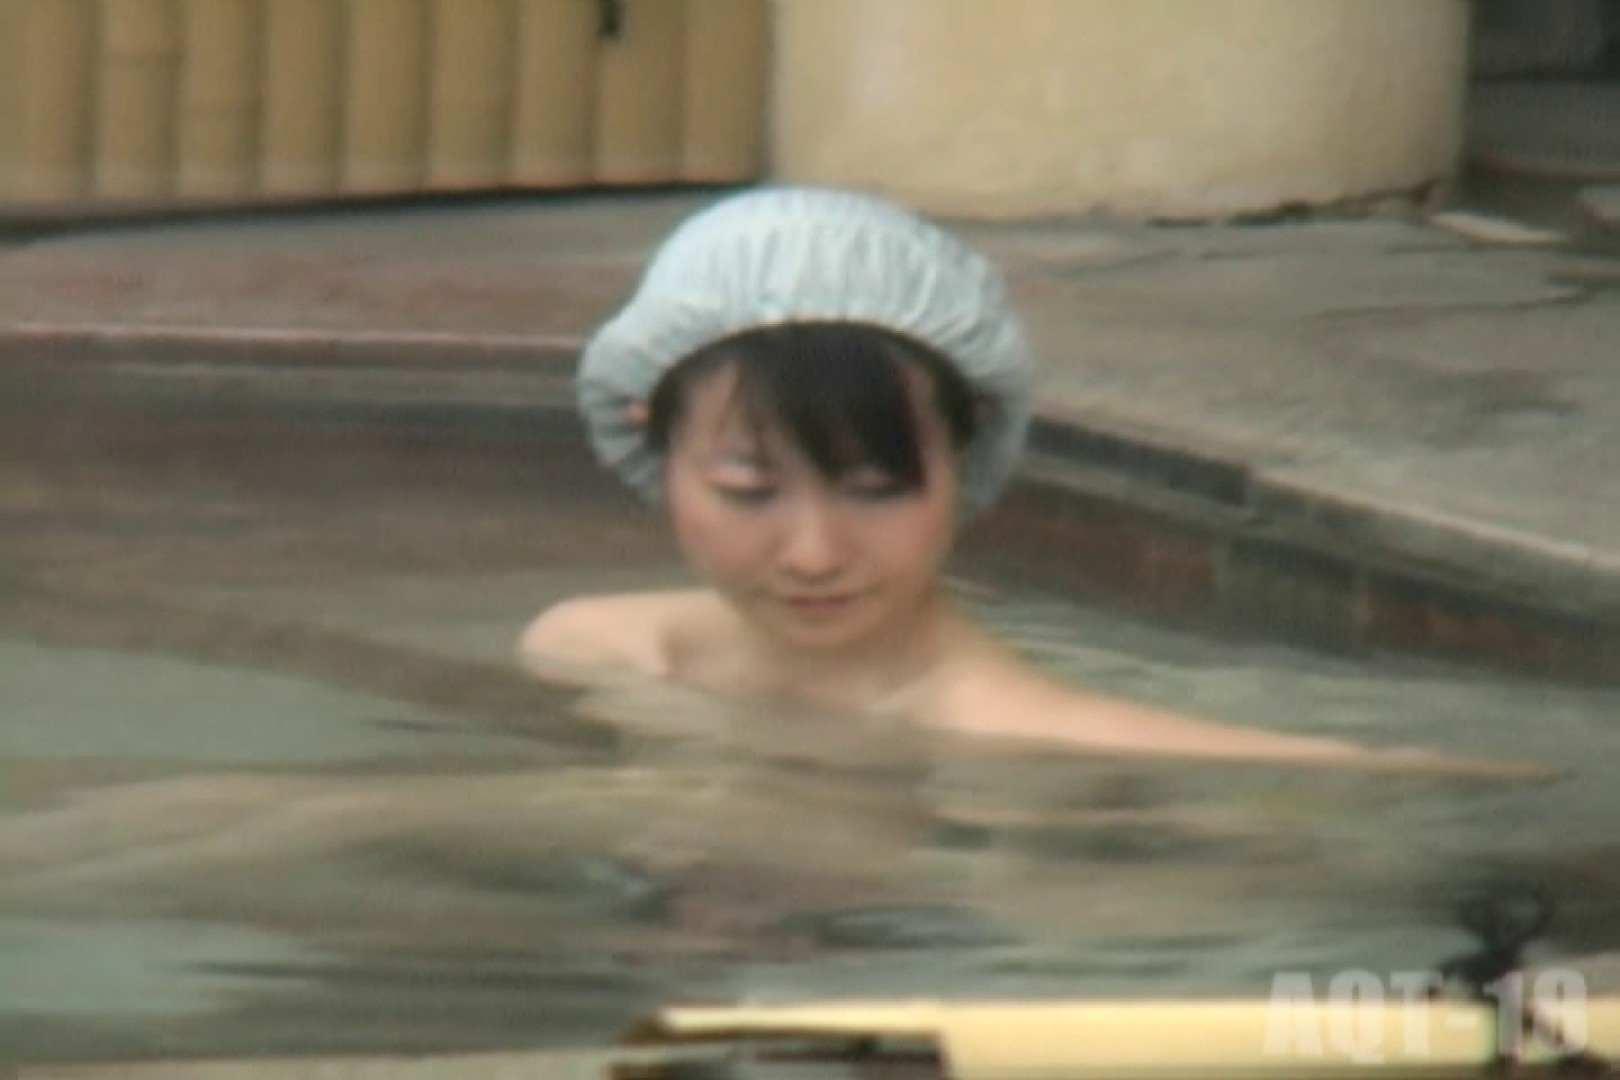 Aquaな露天風呂Vol.864 OLエロ画像 覗きスケベ動画紹介 62PICs 44